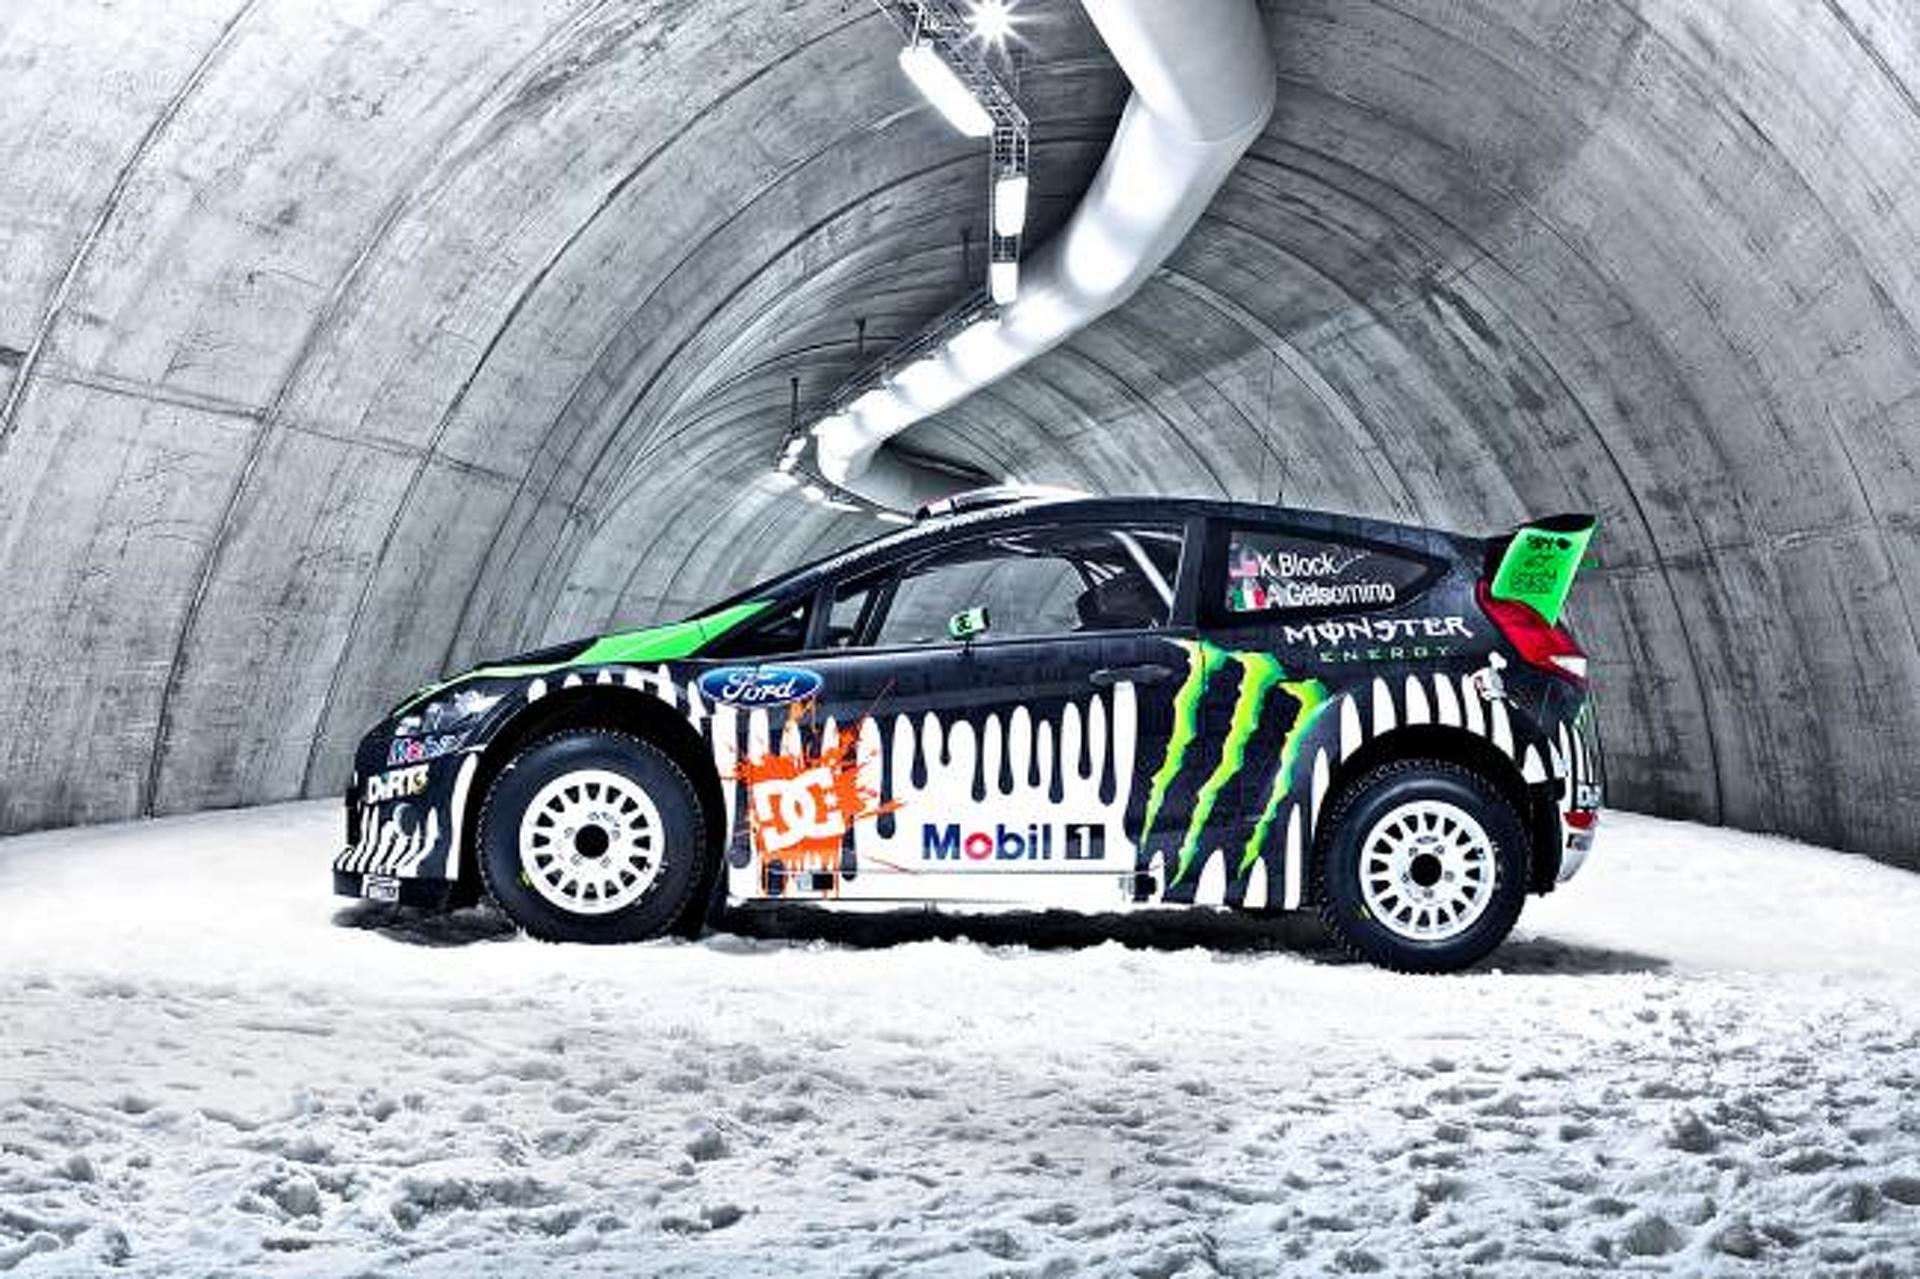 Ken Block Hd Wallpaper Tech Ride Ken Block S Ford Fiesta Rs Rally Car